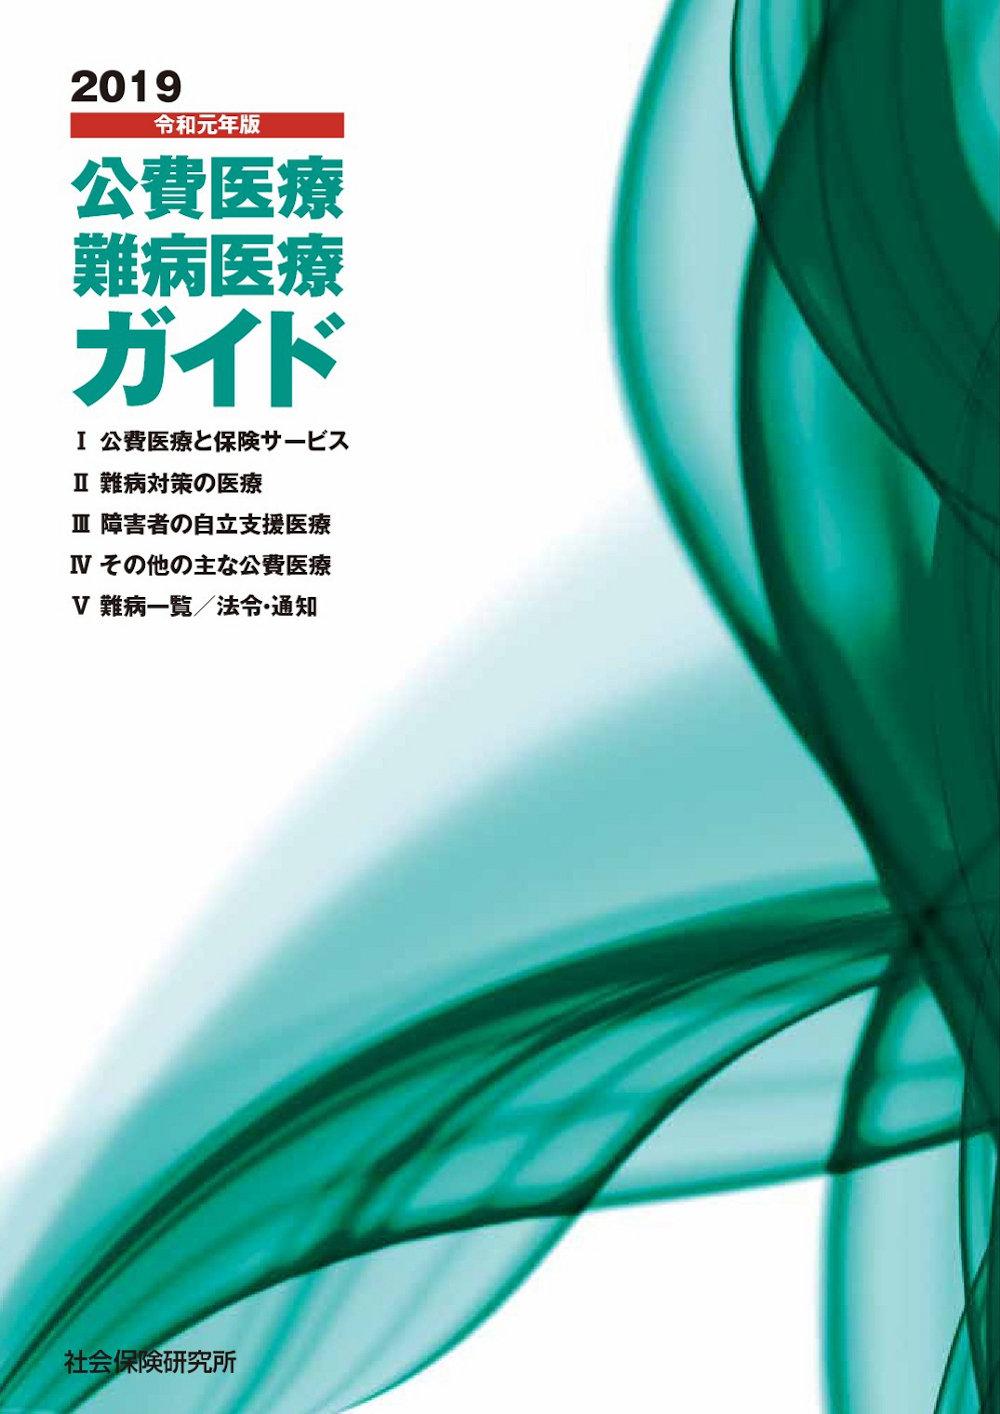 公費医療・難病医療ガイド 2019年度版(令和元年版)